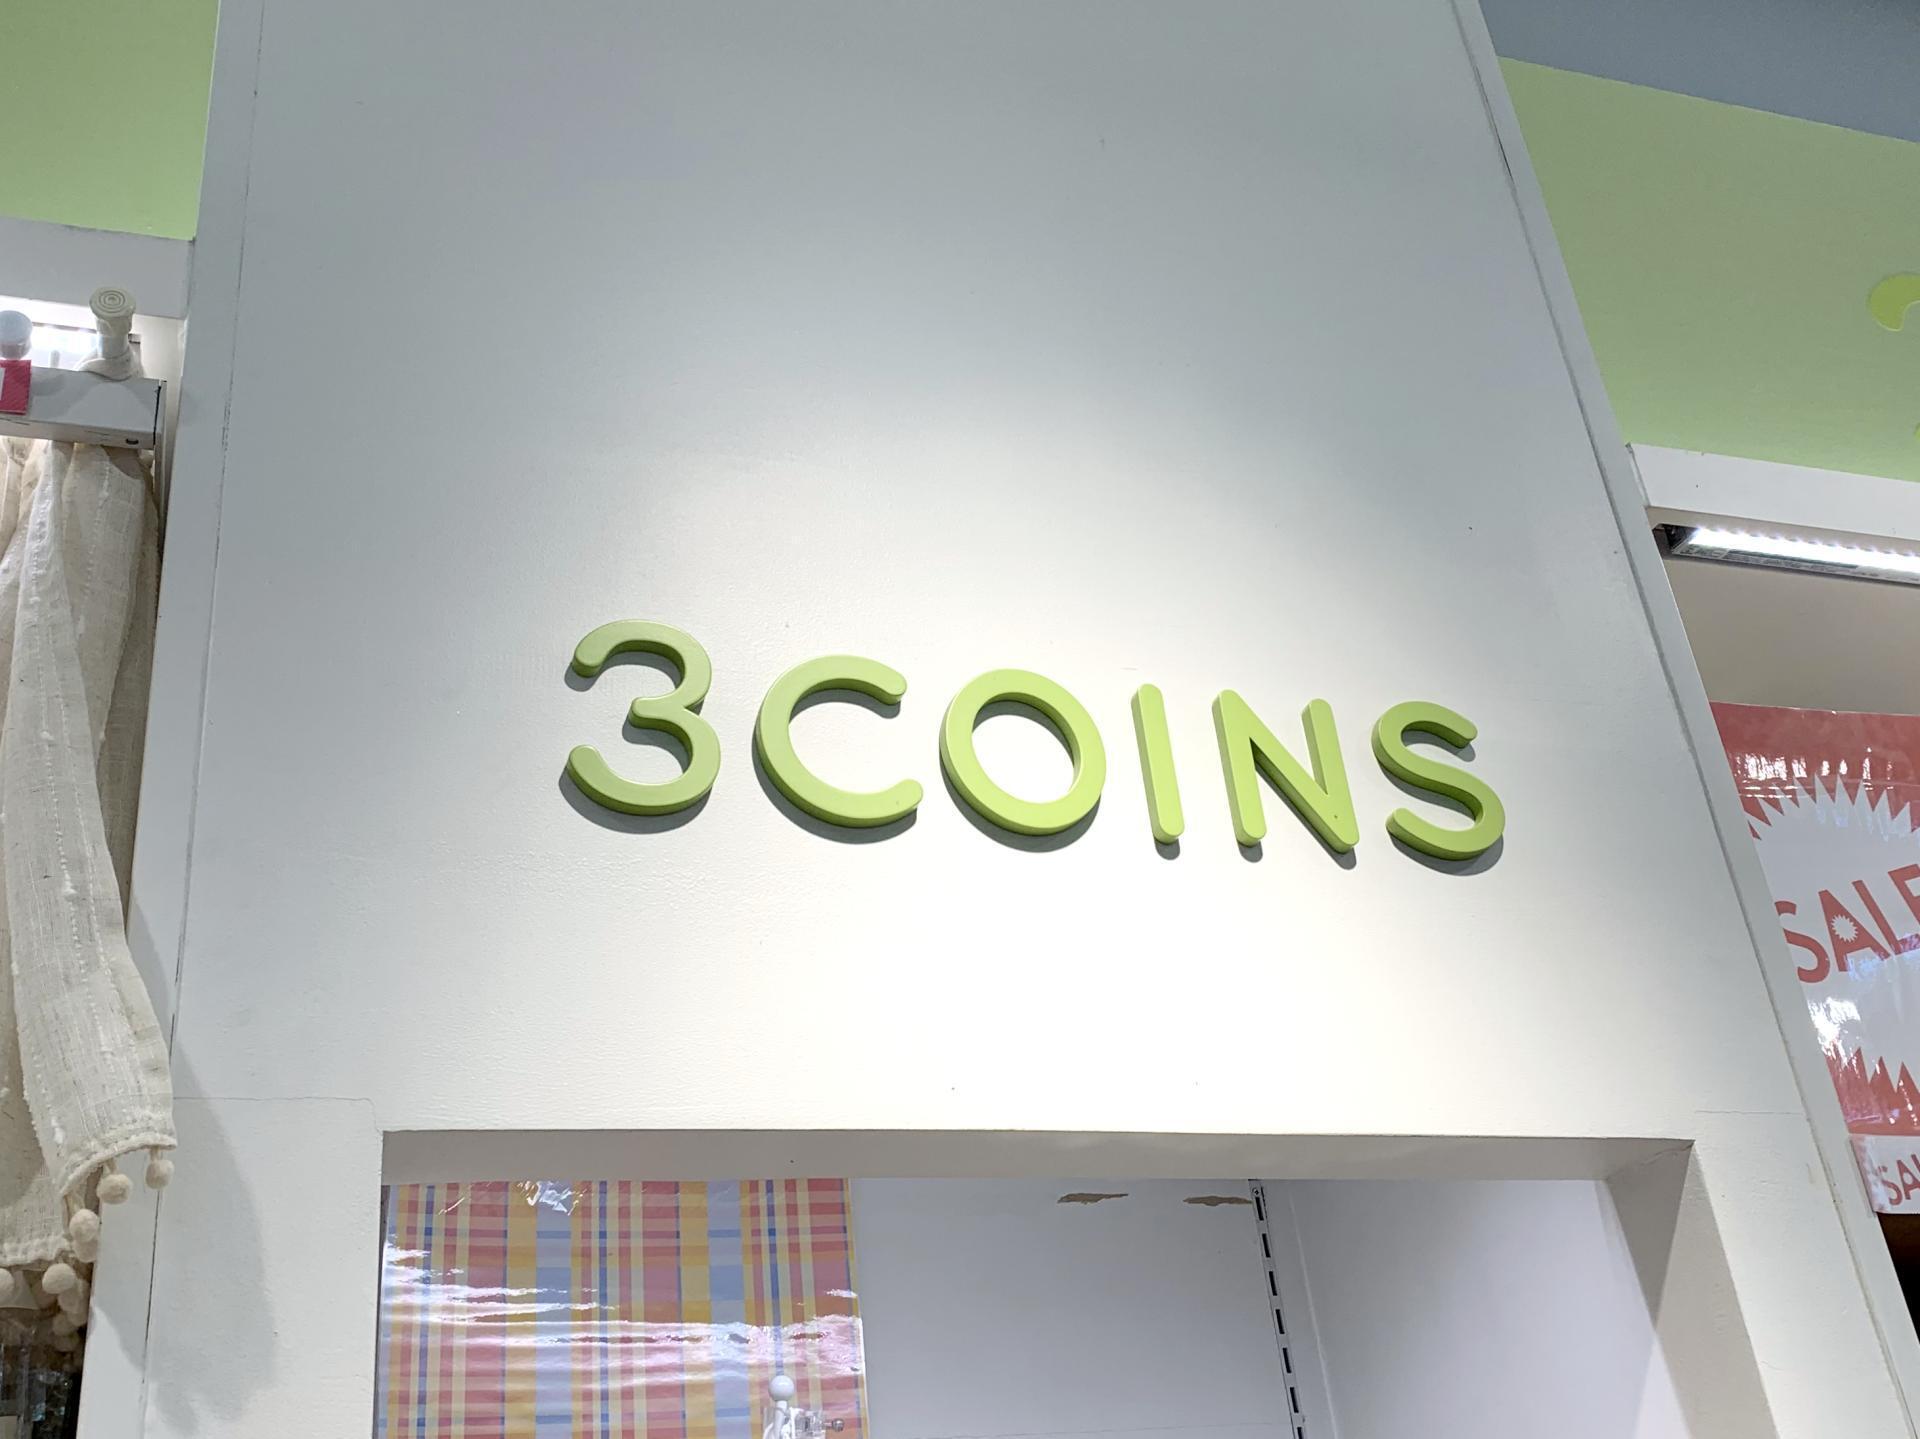 イヤホン 3 コインズ